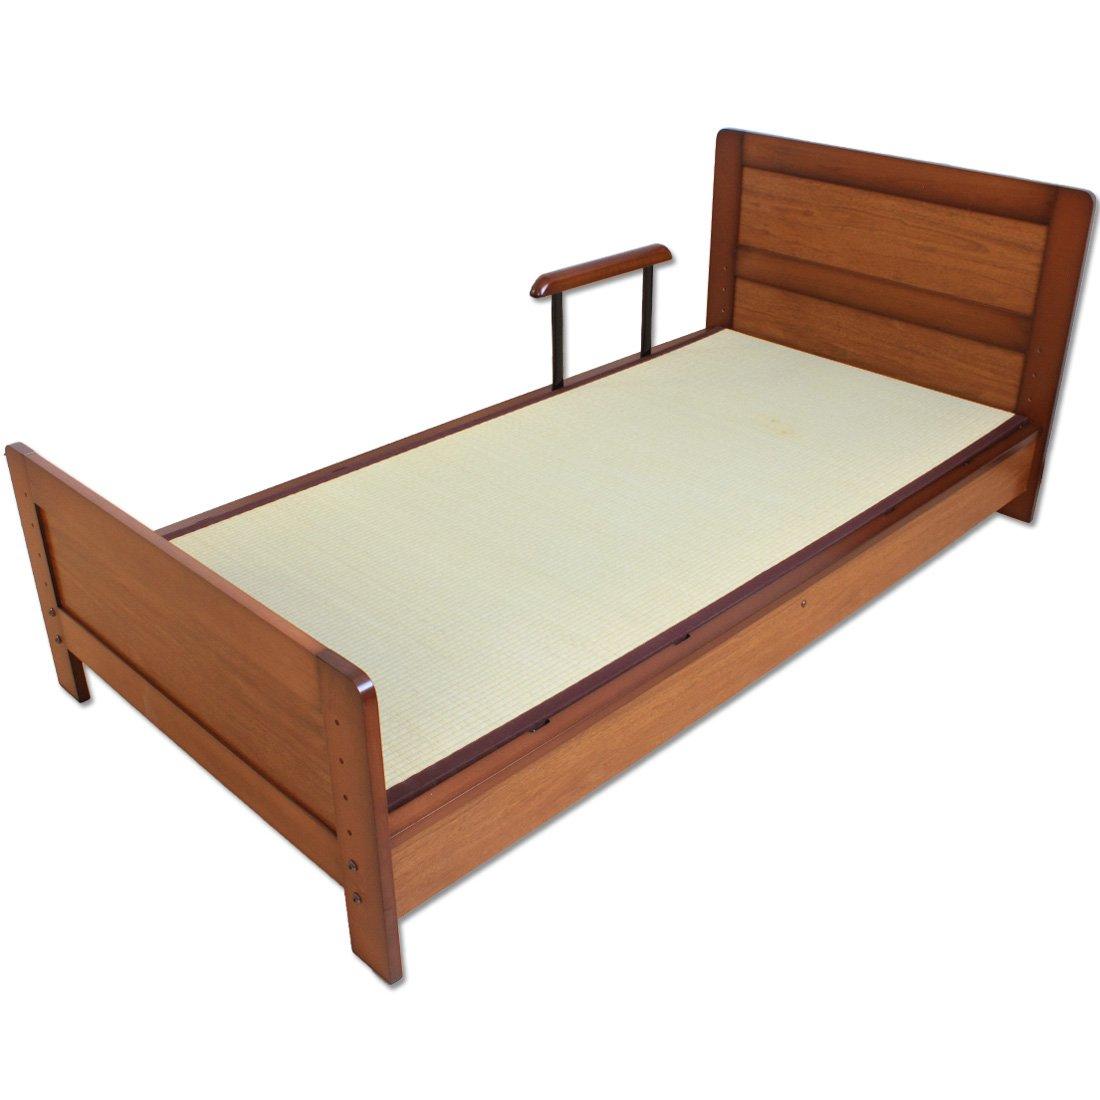 タンスのゲン 畳ベッド シングルベッド 手すり付き 介護ベッド い草 ブラウン 11519009BR B00AMW45I4